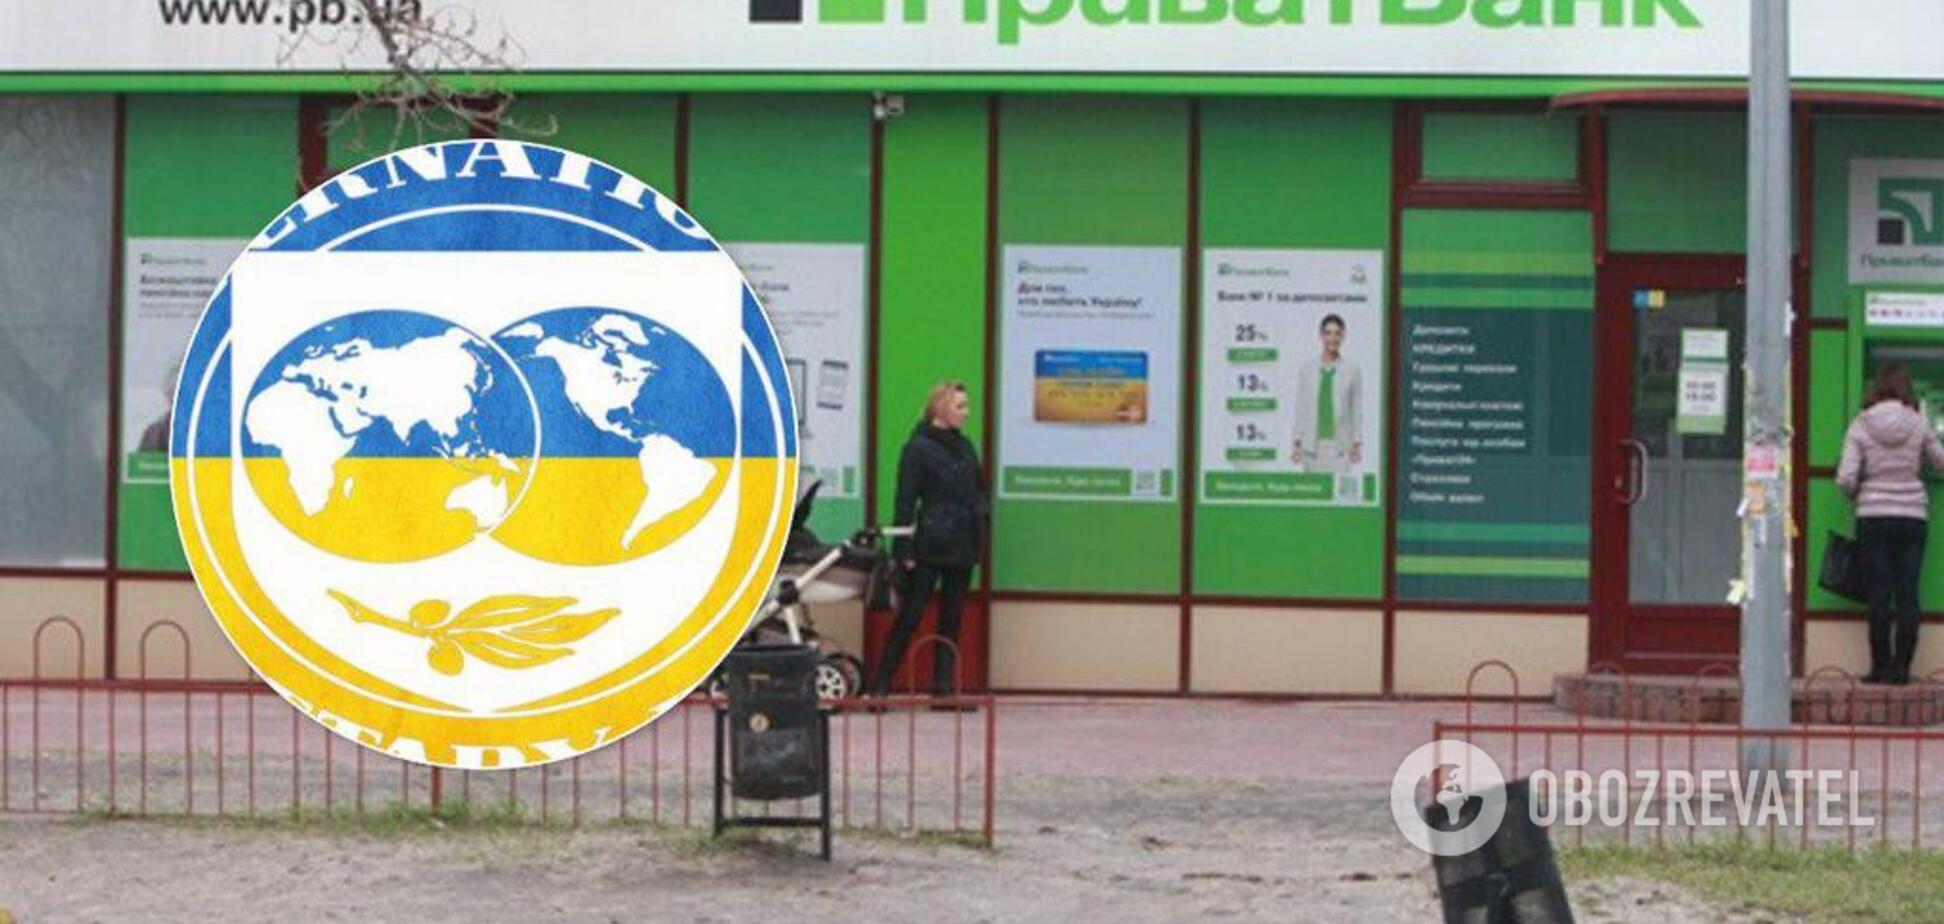 Суд над ПриватБанком: НБУ заявив про загрозу стабільності України